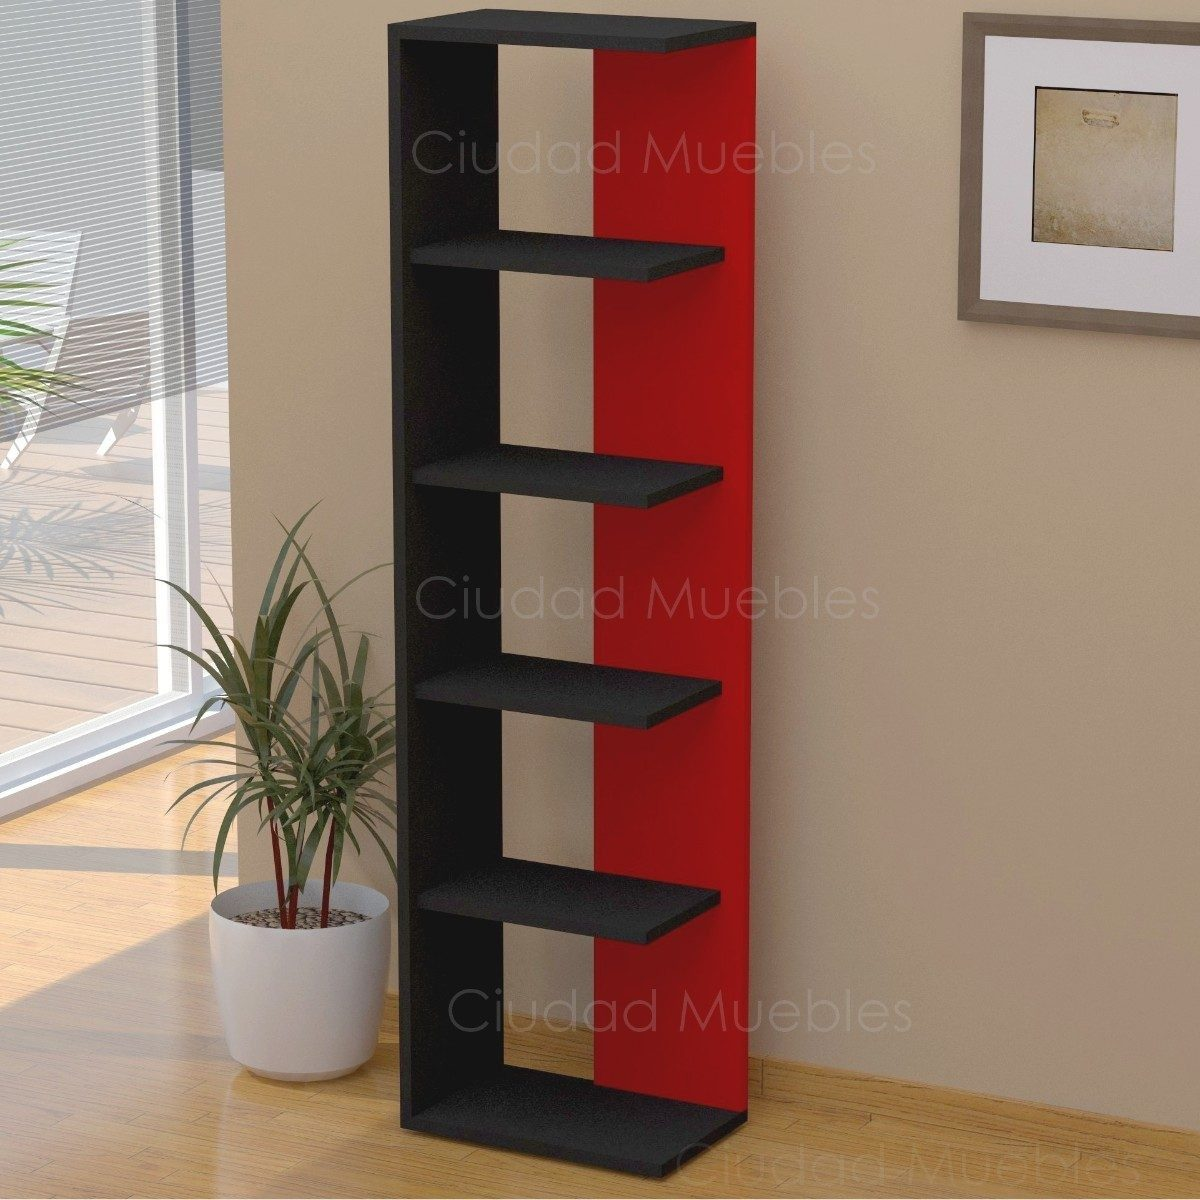 Biblioteca estante de melamina s 160 00 en mercado libre for Libro de muebles de melamina